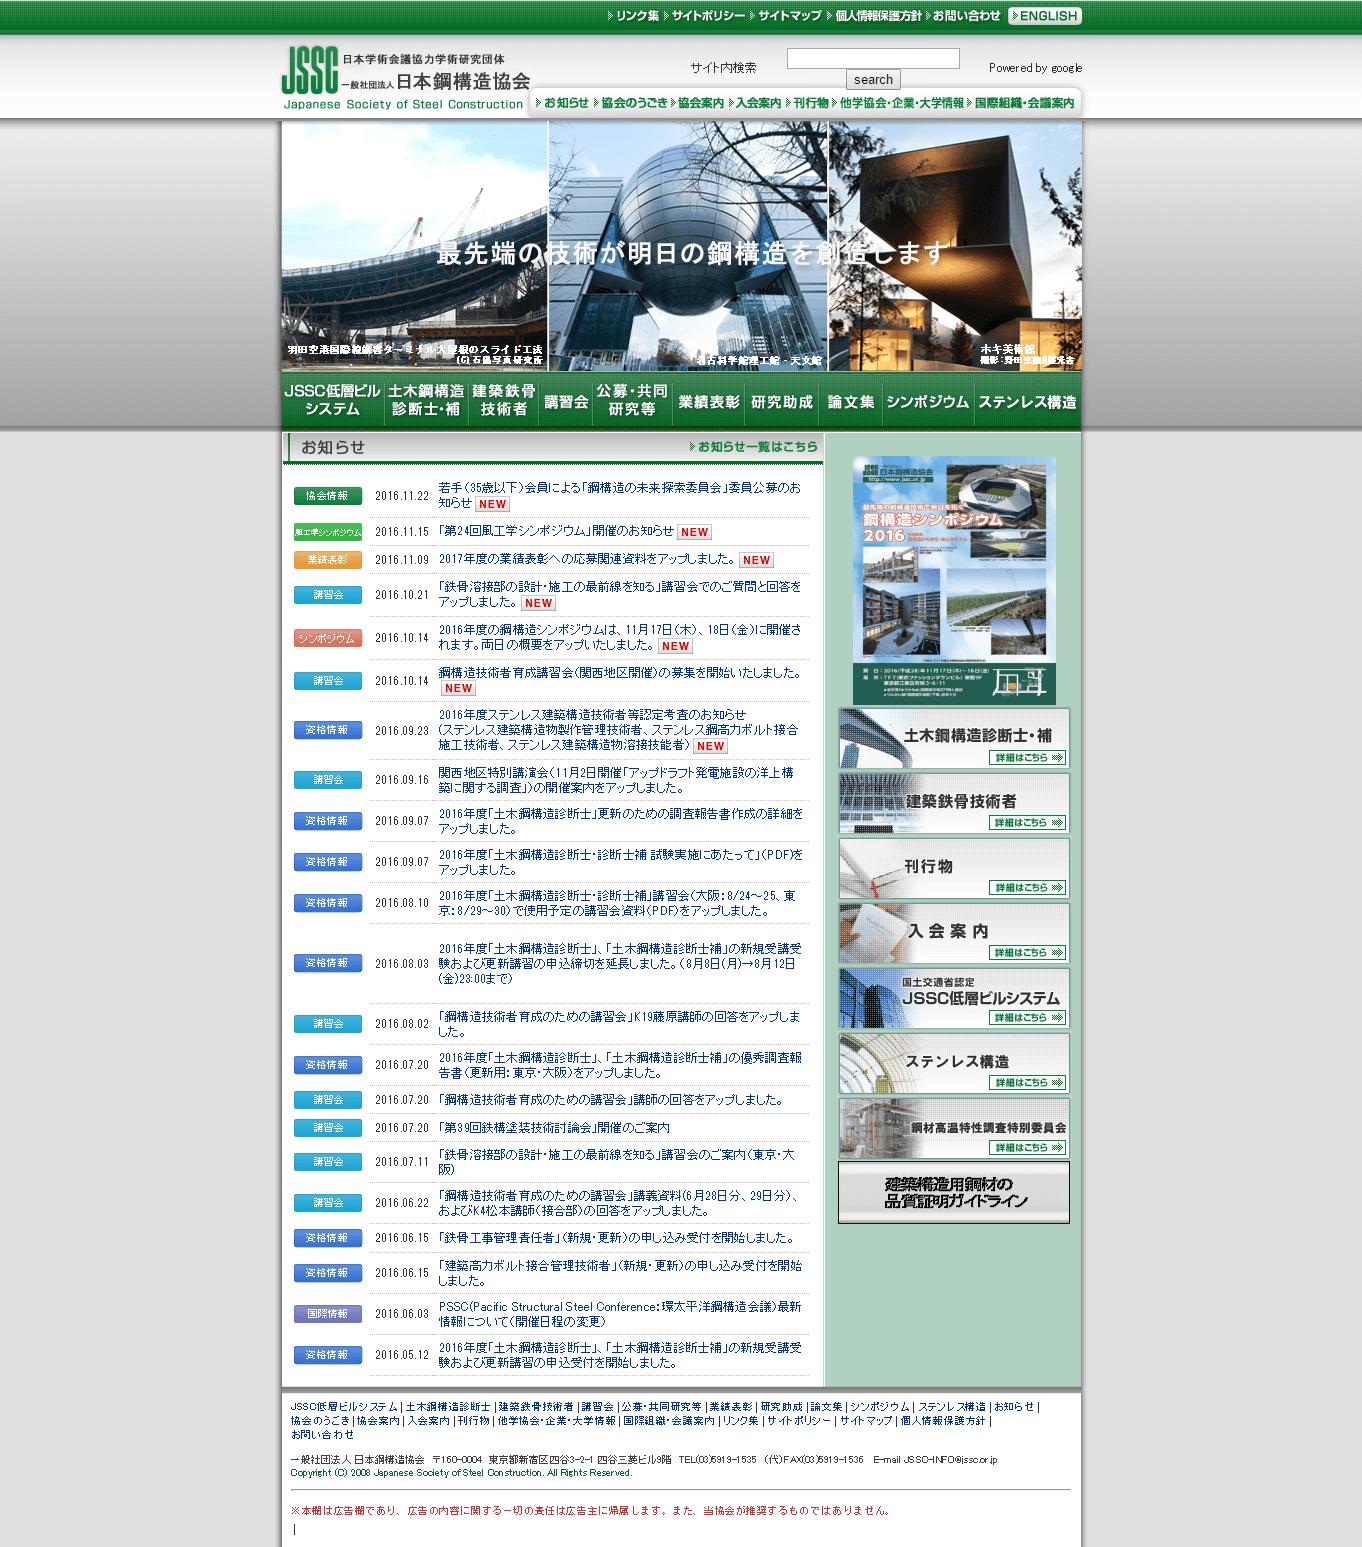 一般社団法人 日本鋼構造協会スクリーンショット